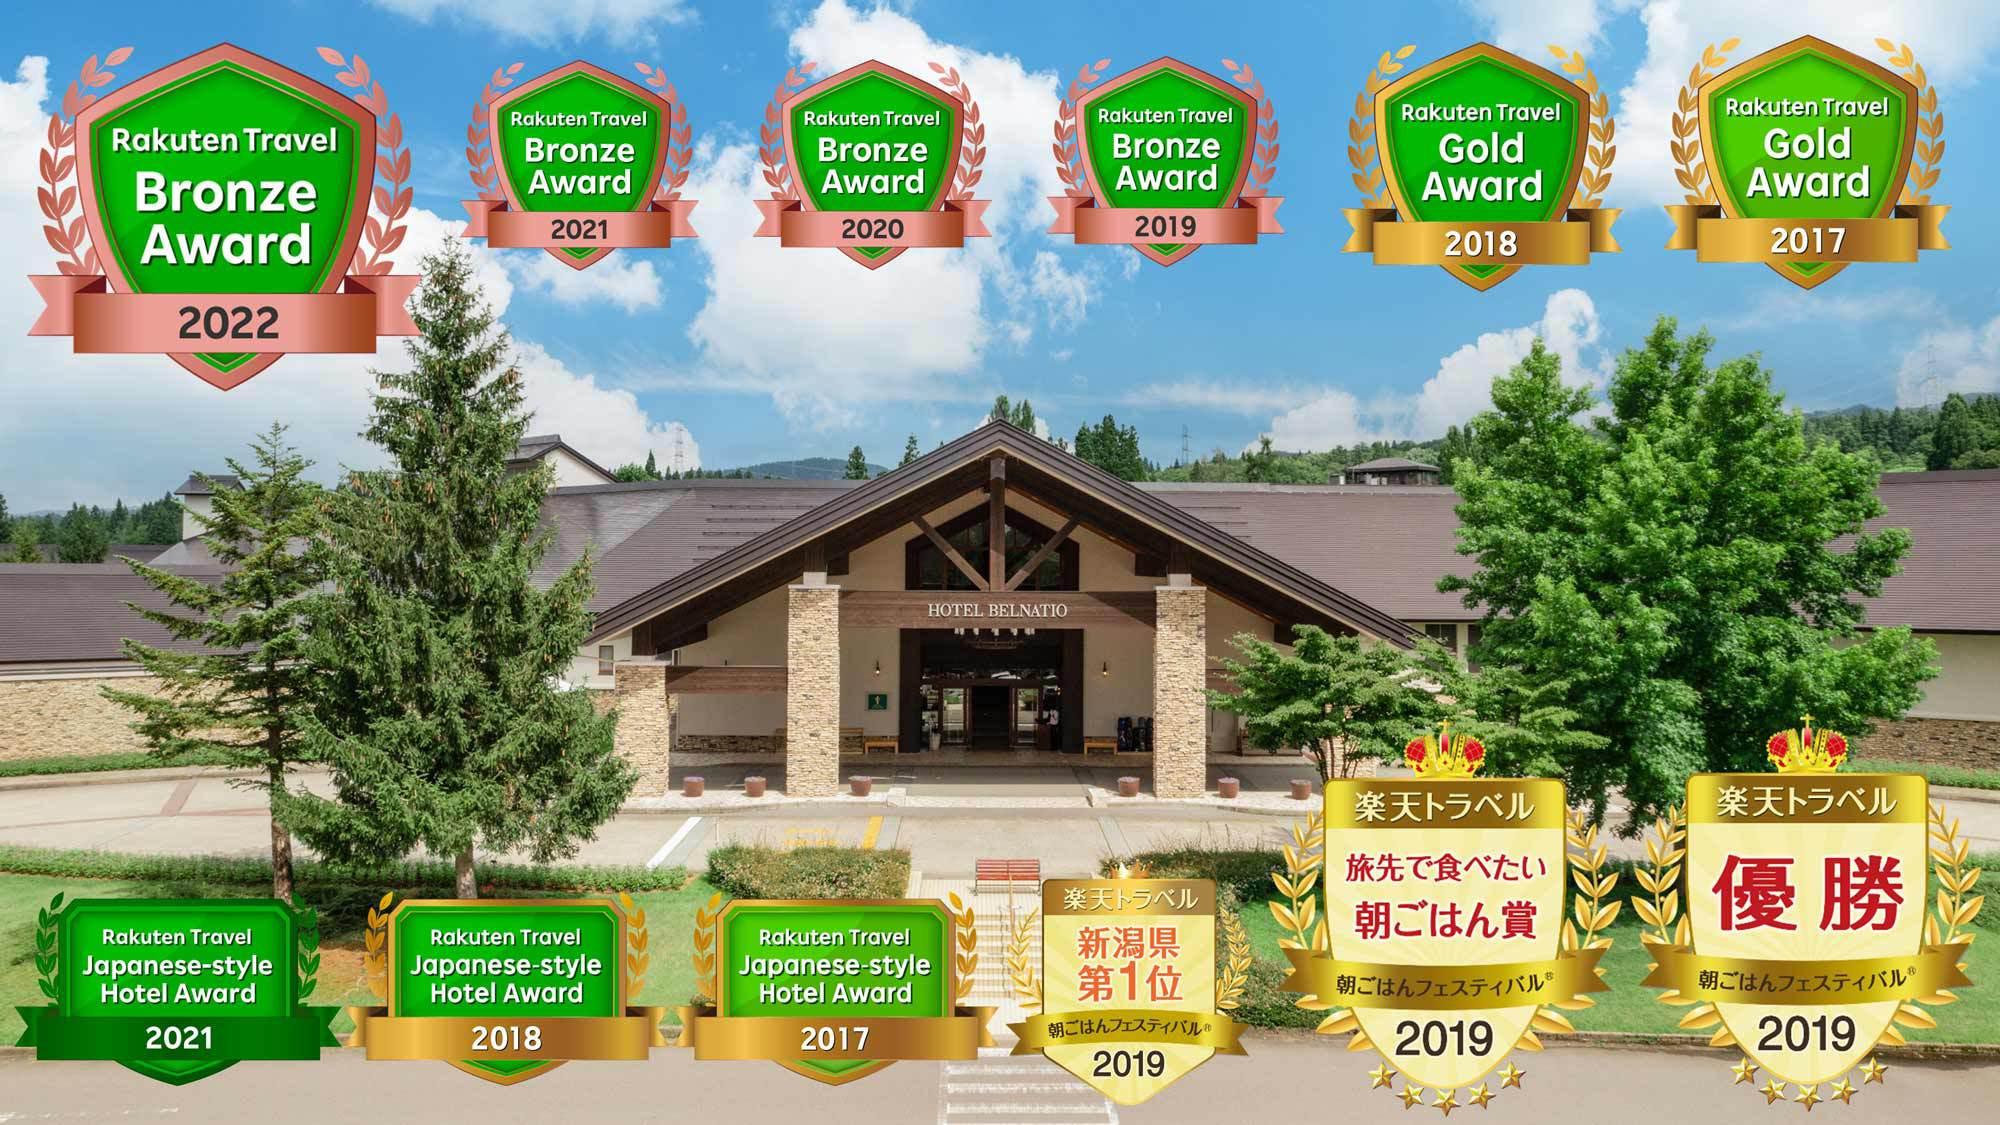 あてま高原リゾート ホテル ベルナティオ